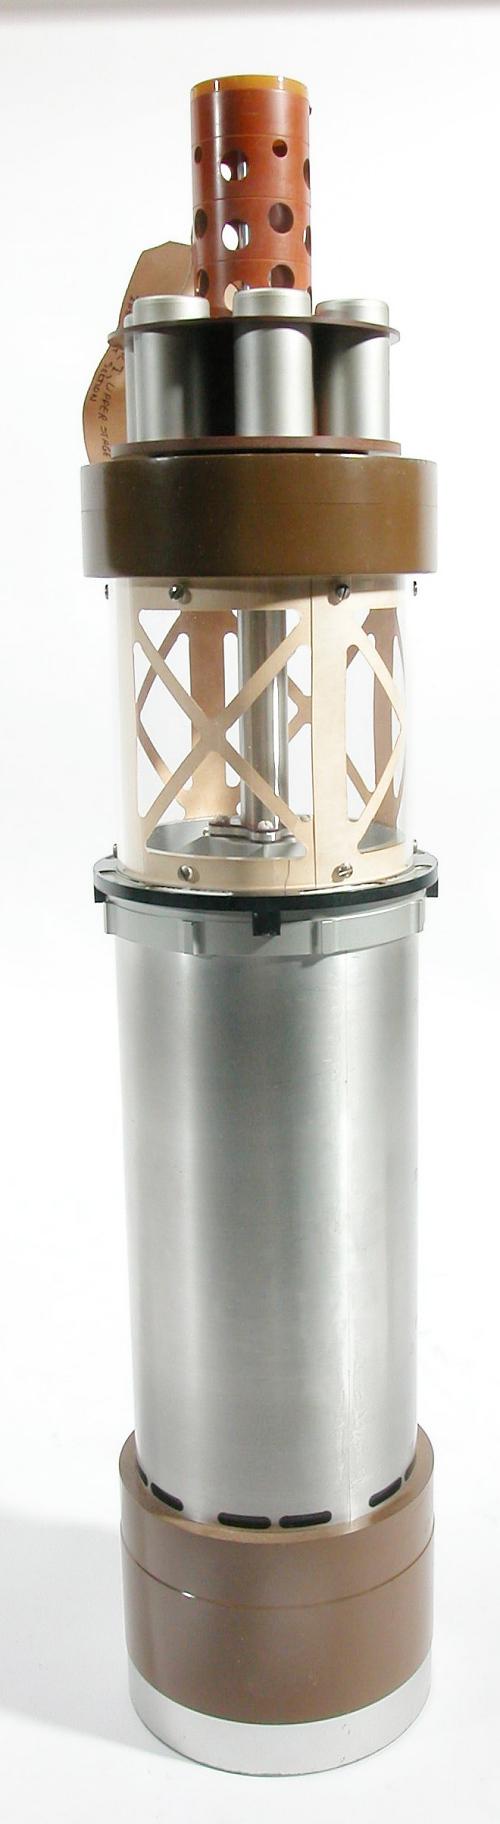 Satellite, Explorer 3, Instrument Package Mock-Up